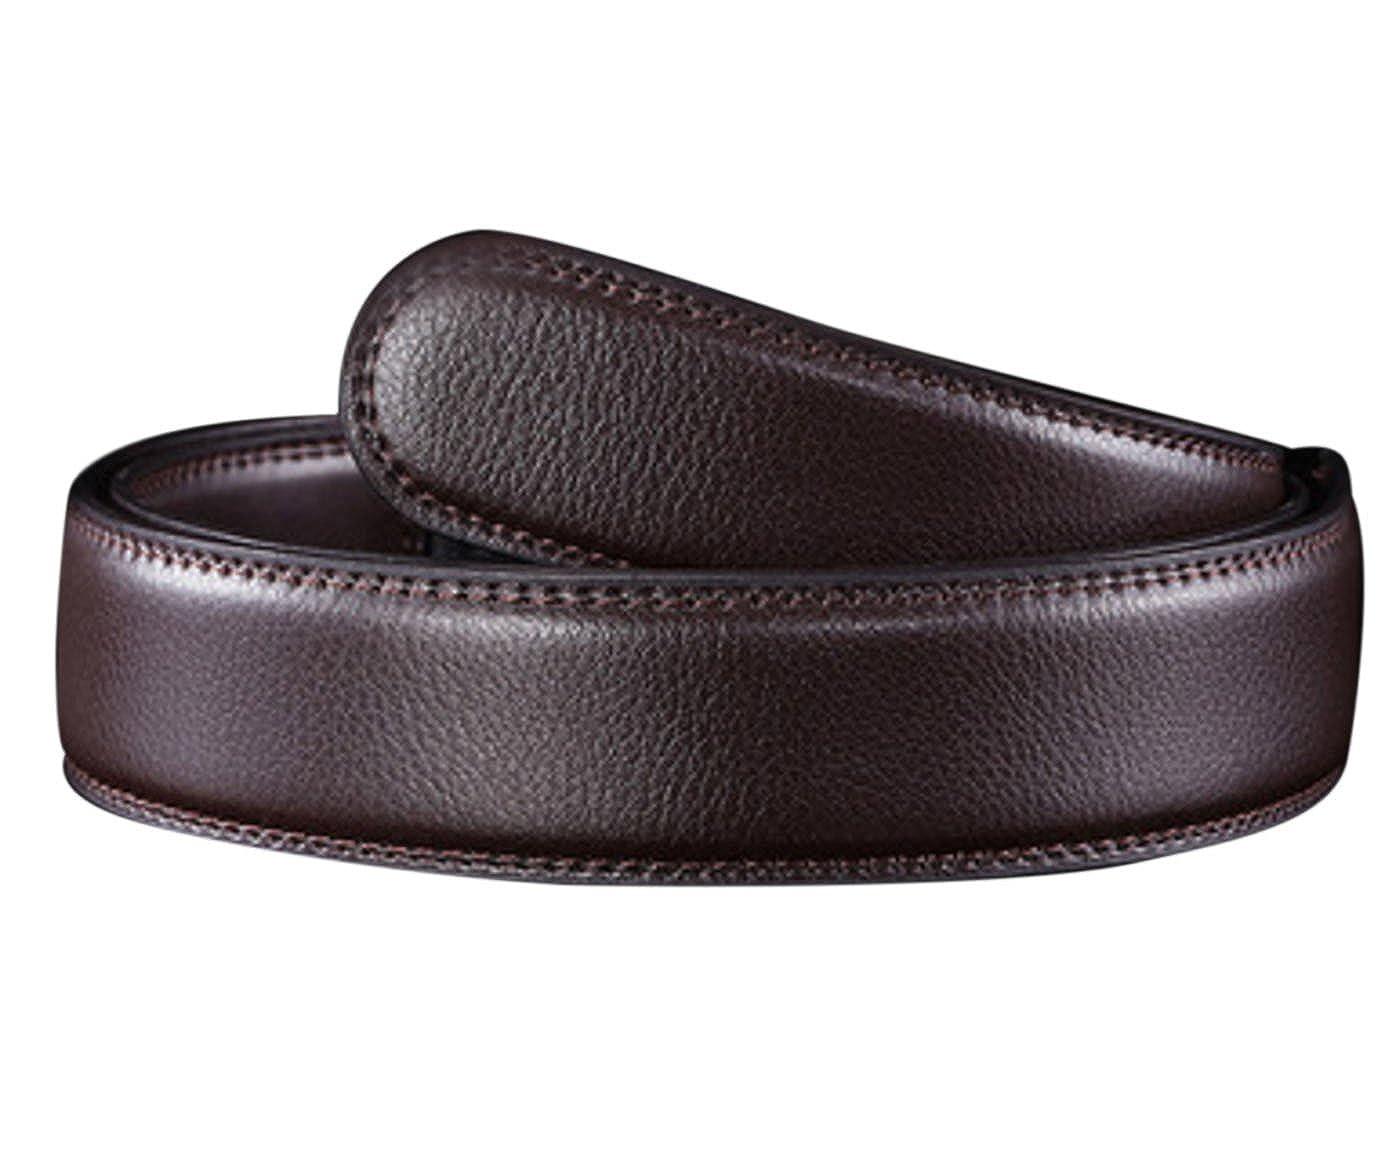 Panegy - Cinturón Clásico de Cuero Piel sin Hebilla Automática Para Hombres Correa de Cintura